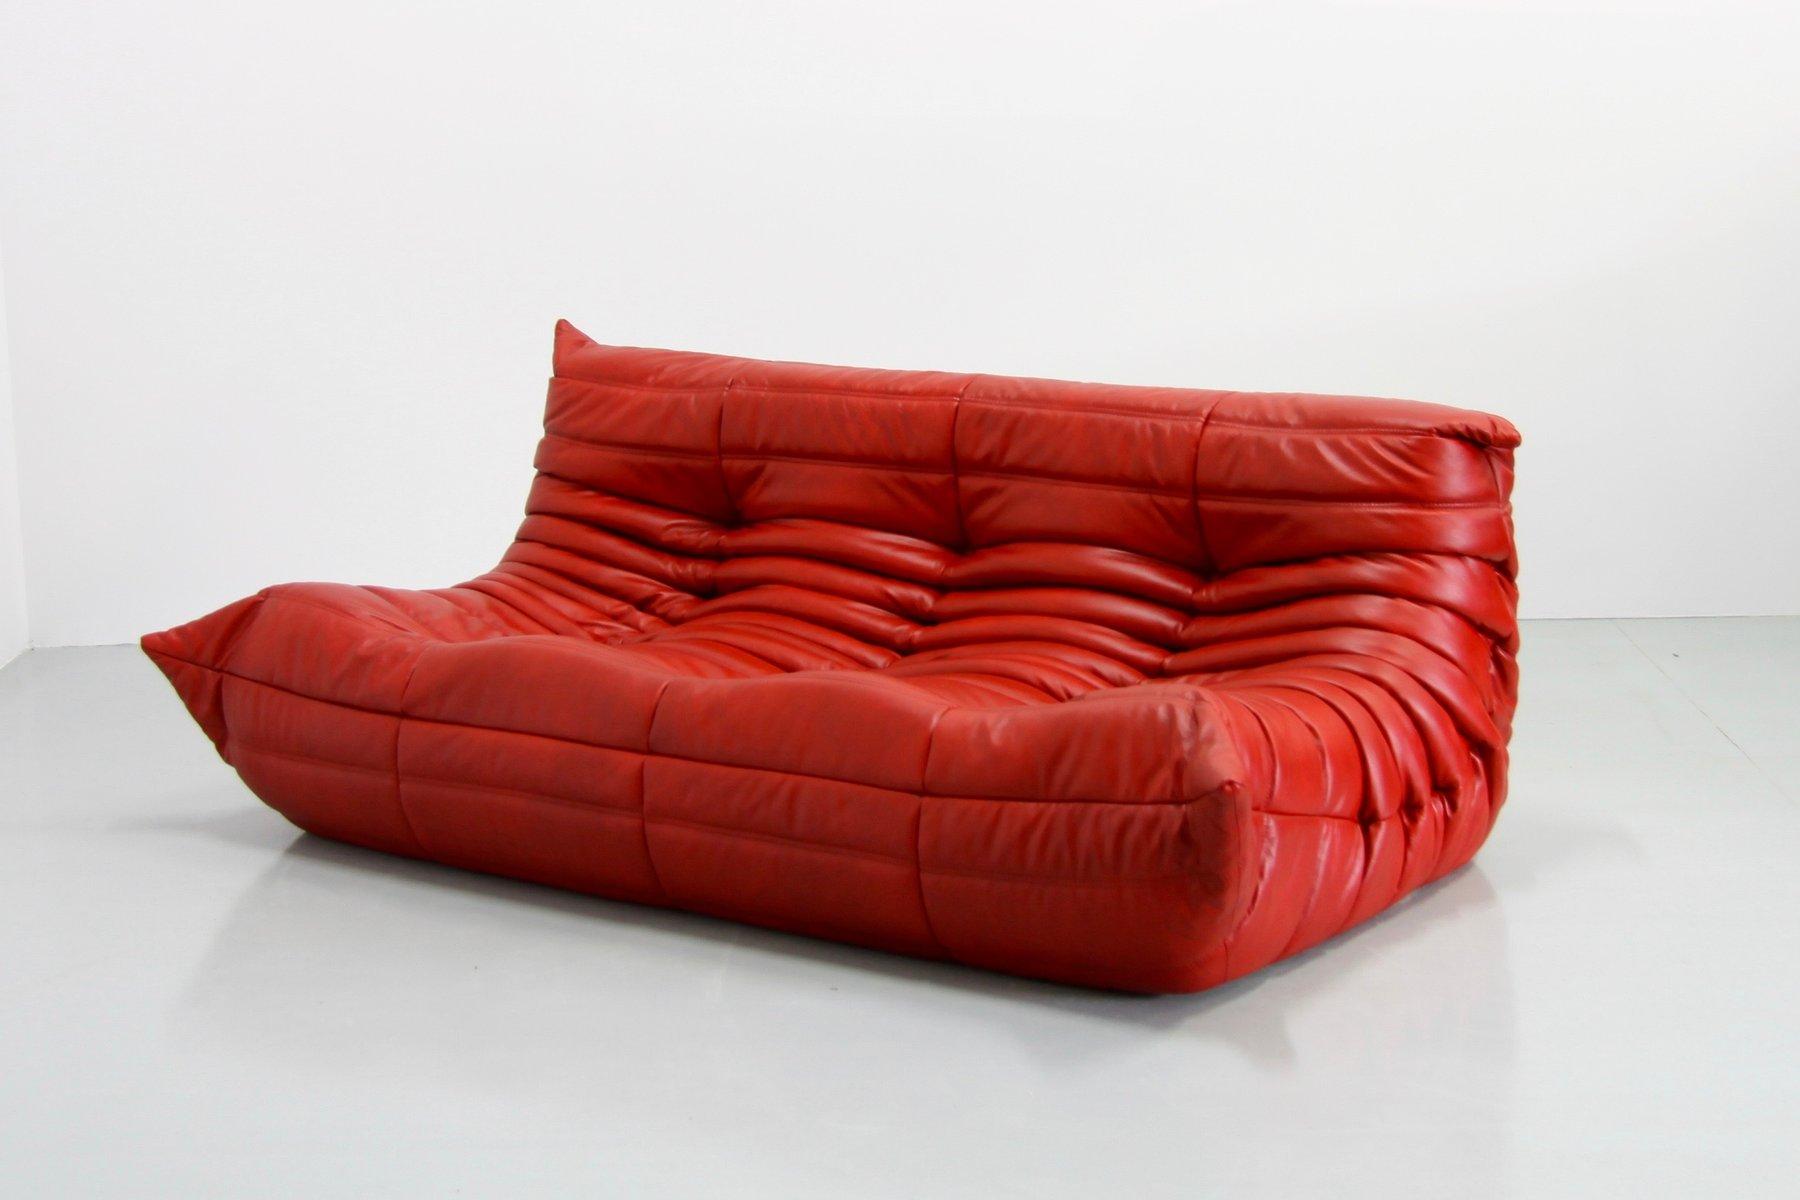 vintage red leather togo sofa by michel ducaroy for ligne. Black Bedroom Furniture Sets. Home Design Ideas